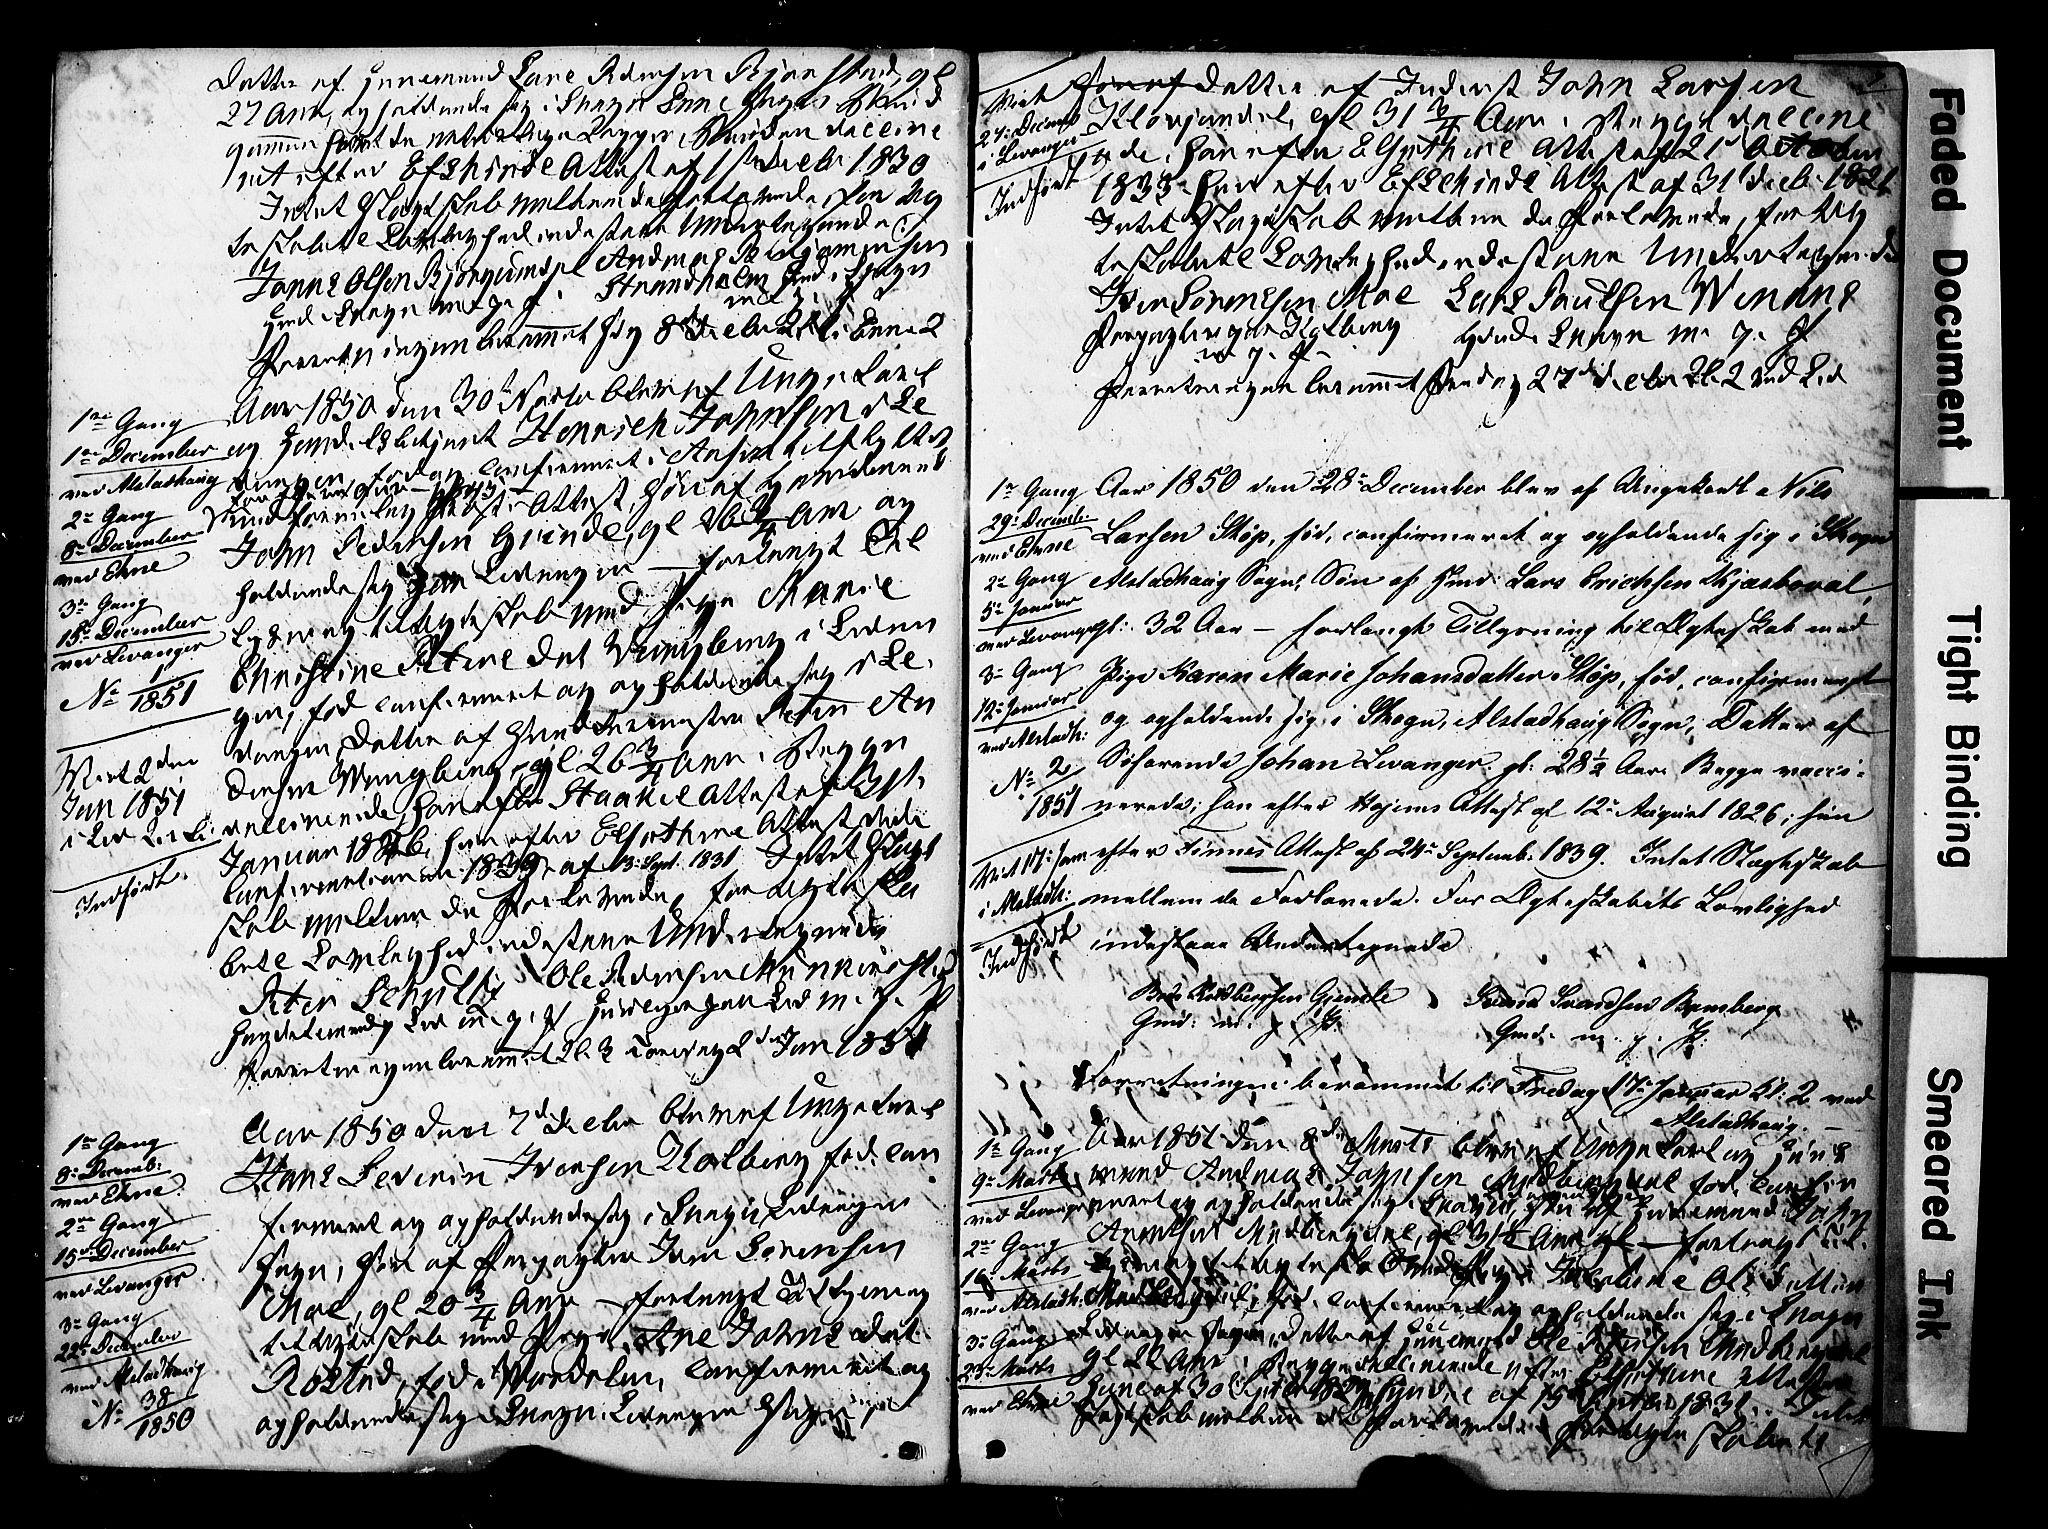 SAT, Ministerialprotokoller, klokkerbøker og fødselsregistre - Nord-Trøndelag, 717/L0161: Forlovererklæringer nr. 717A11, 1850-1895, s. 7